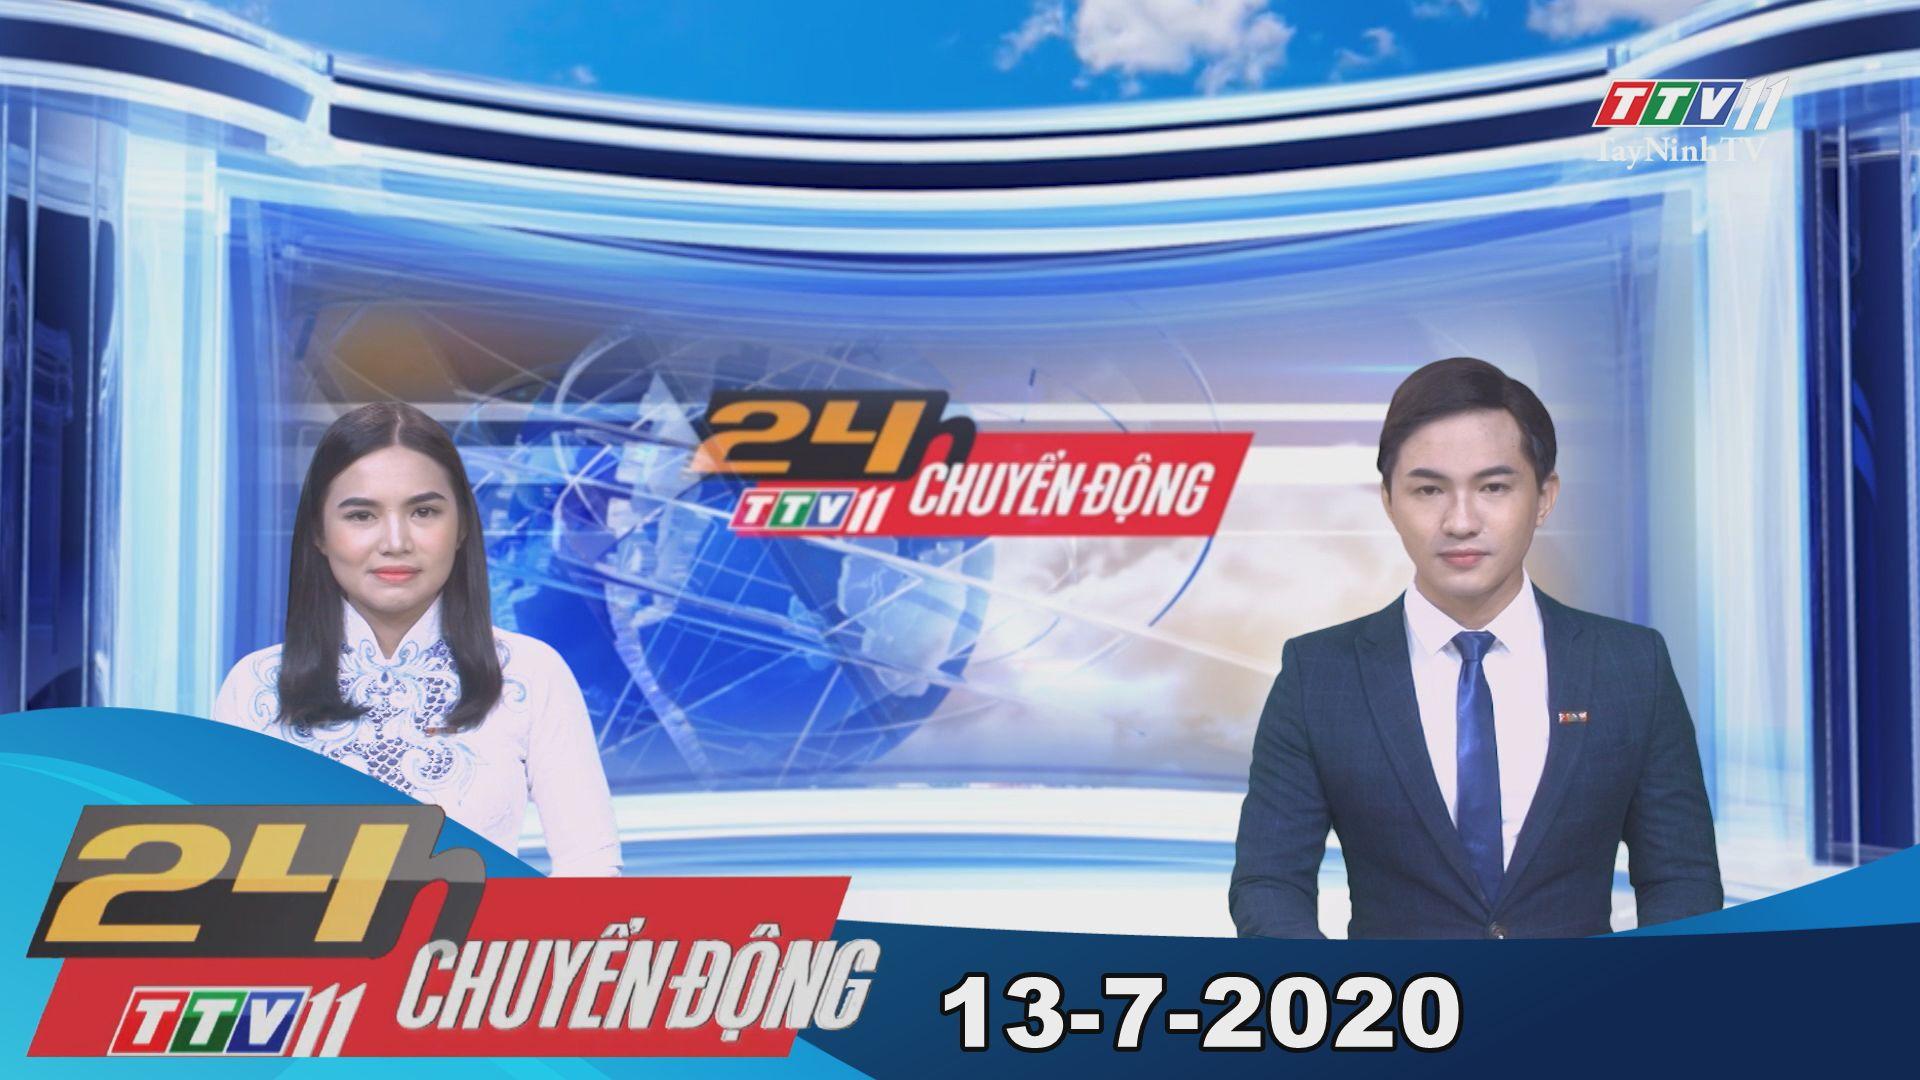 24h Chuyển động 13-7-2020 | Tin tức hôm nay | TayNinhTV